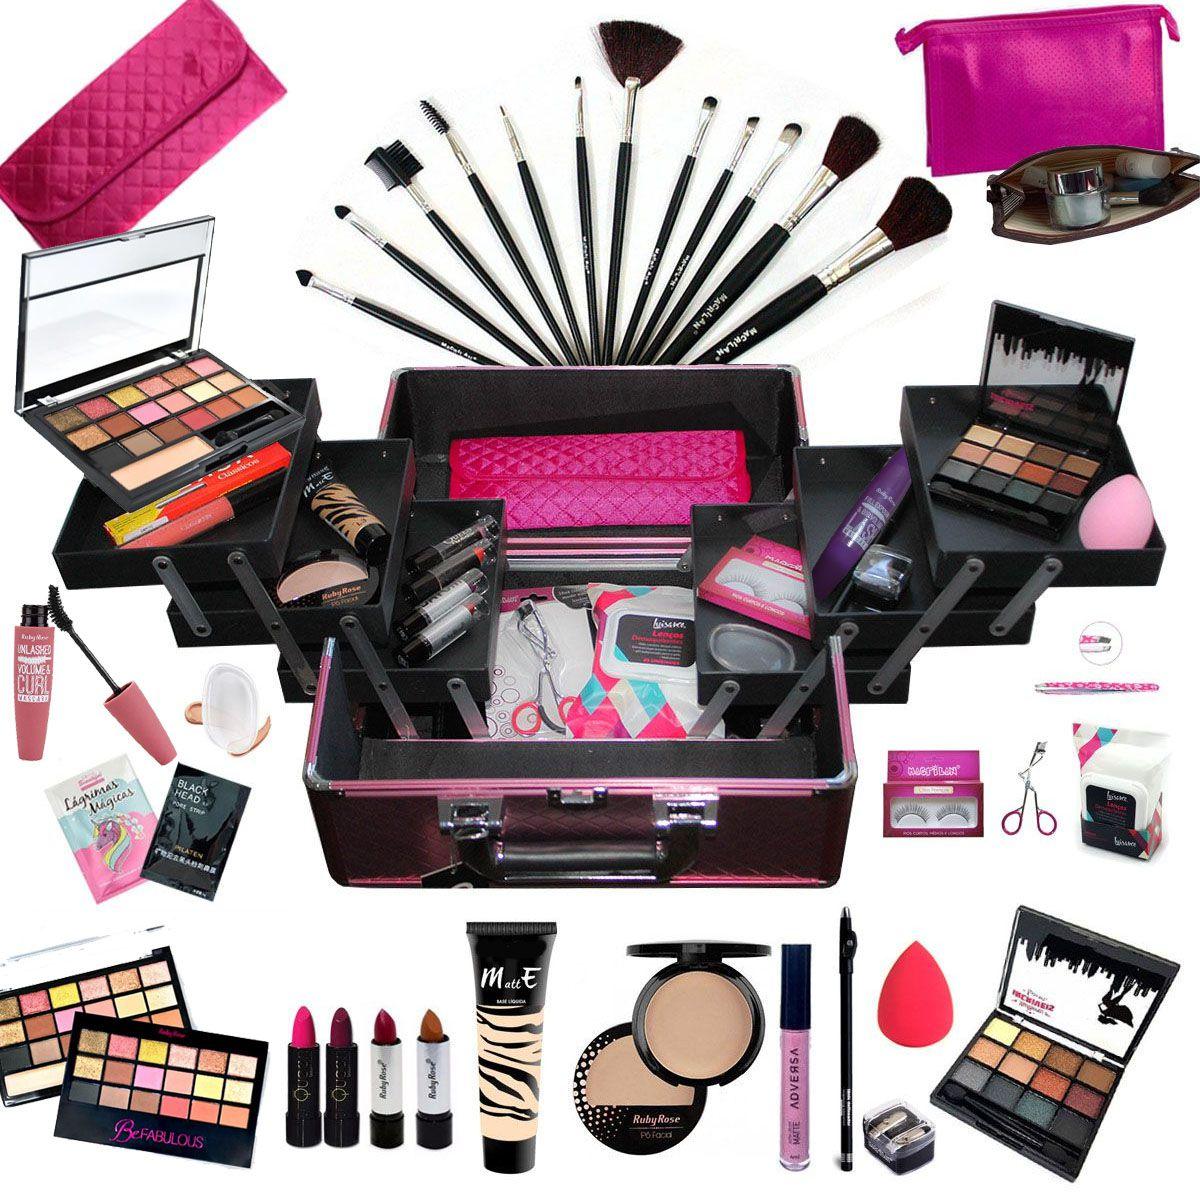 Maleta Com Maquiagem Completa Profissional Ruby Rose + Necessaire - BZ02